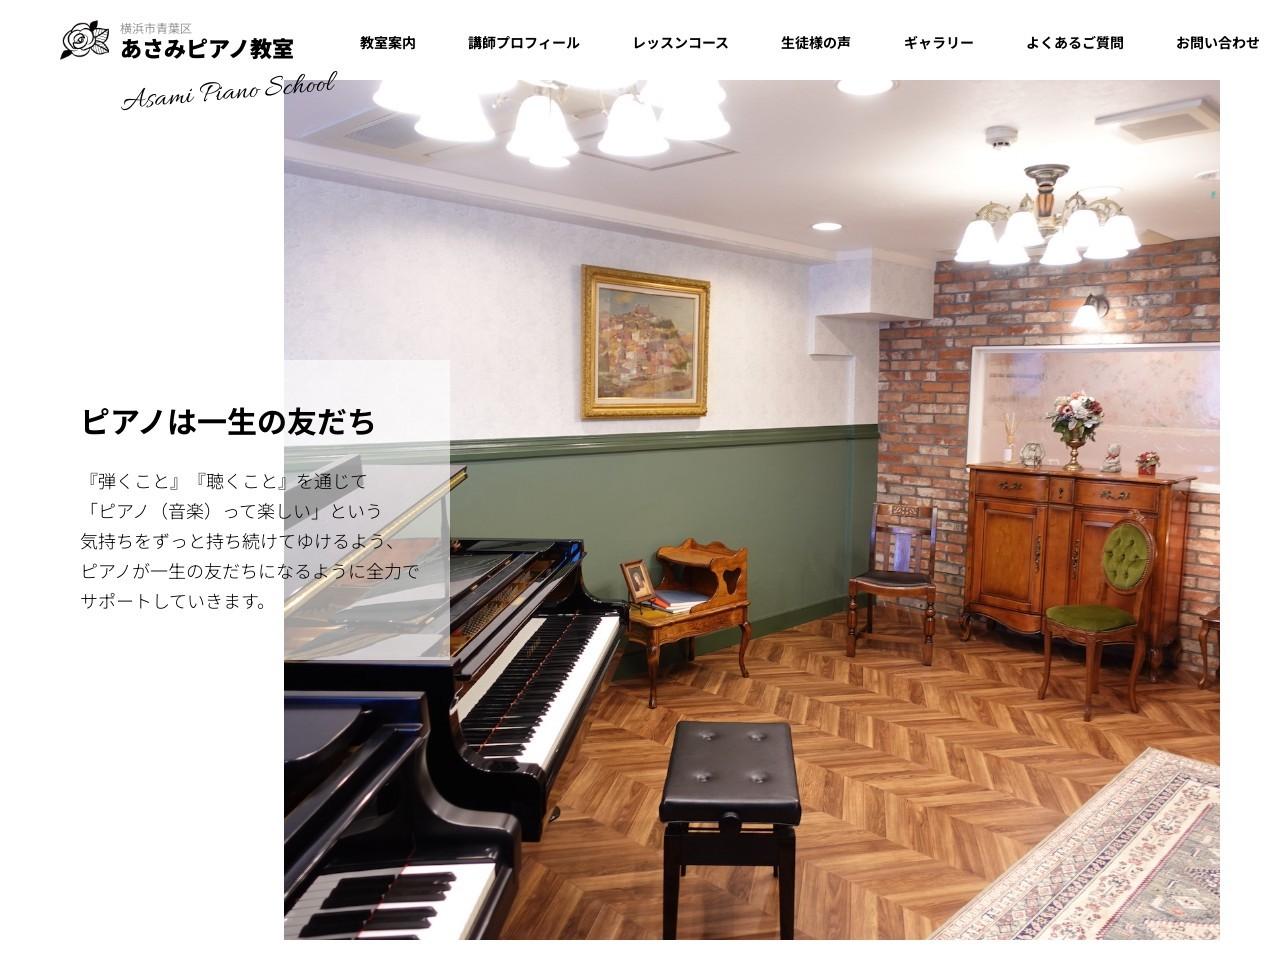 あさみピアノ教室のサムネイル